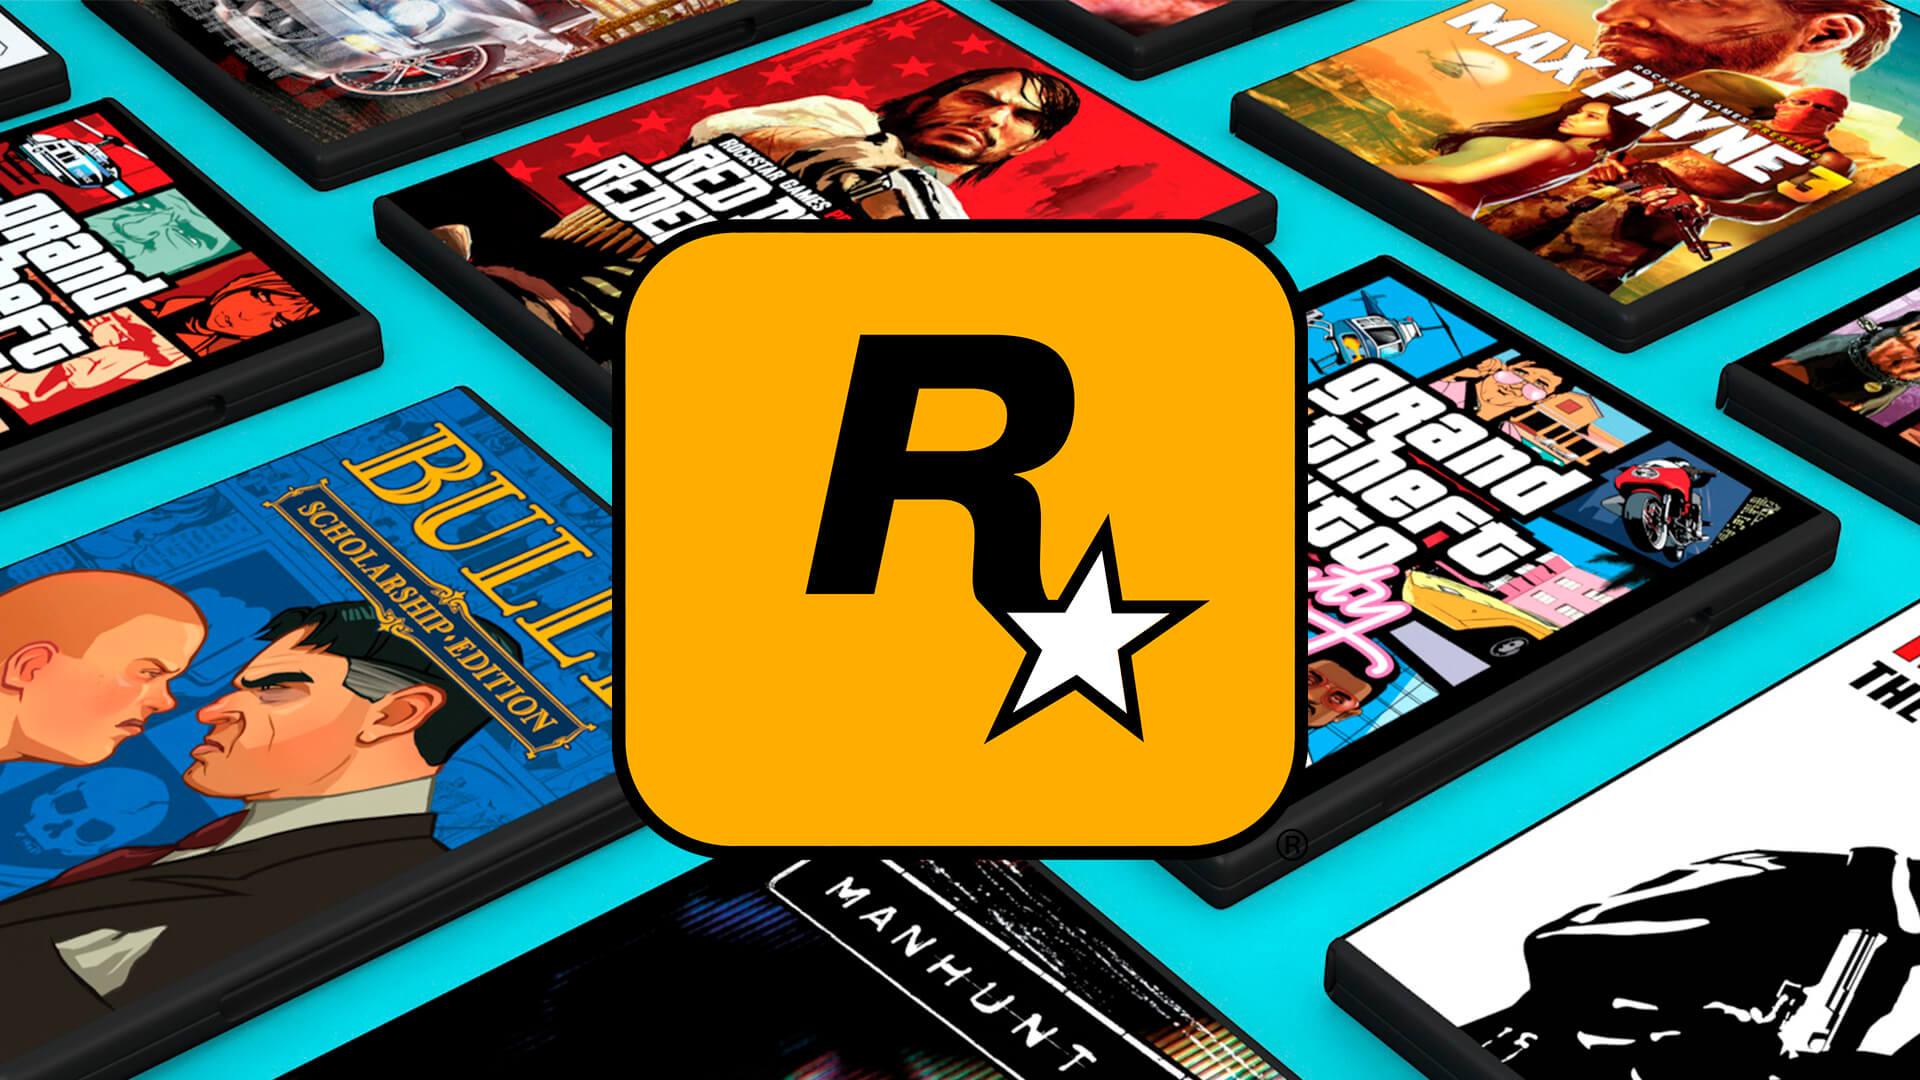 Em uma ação inesperada, a Rockstar Games acabou removendo todos os seus jogos da Steam, sem nenhuma explicação oficial.